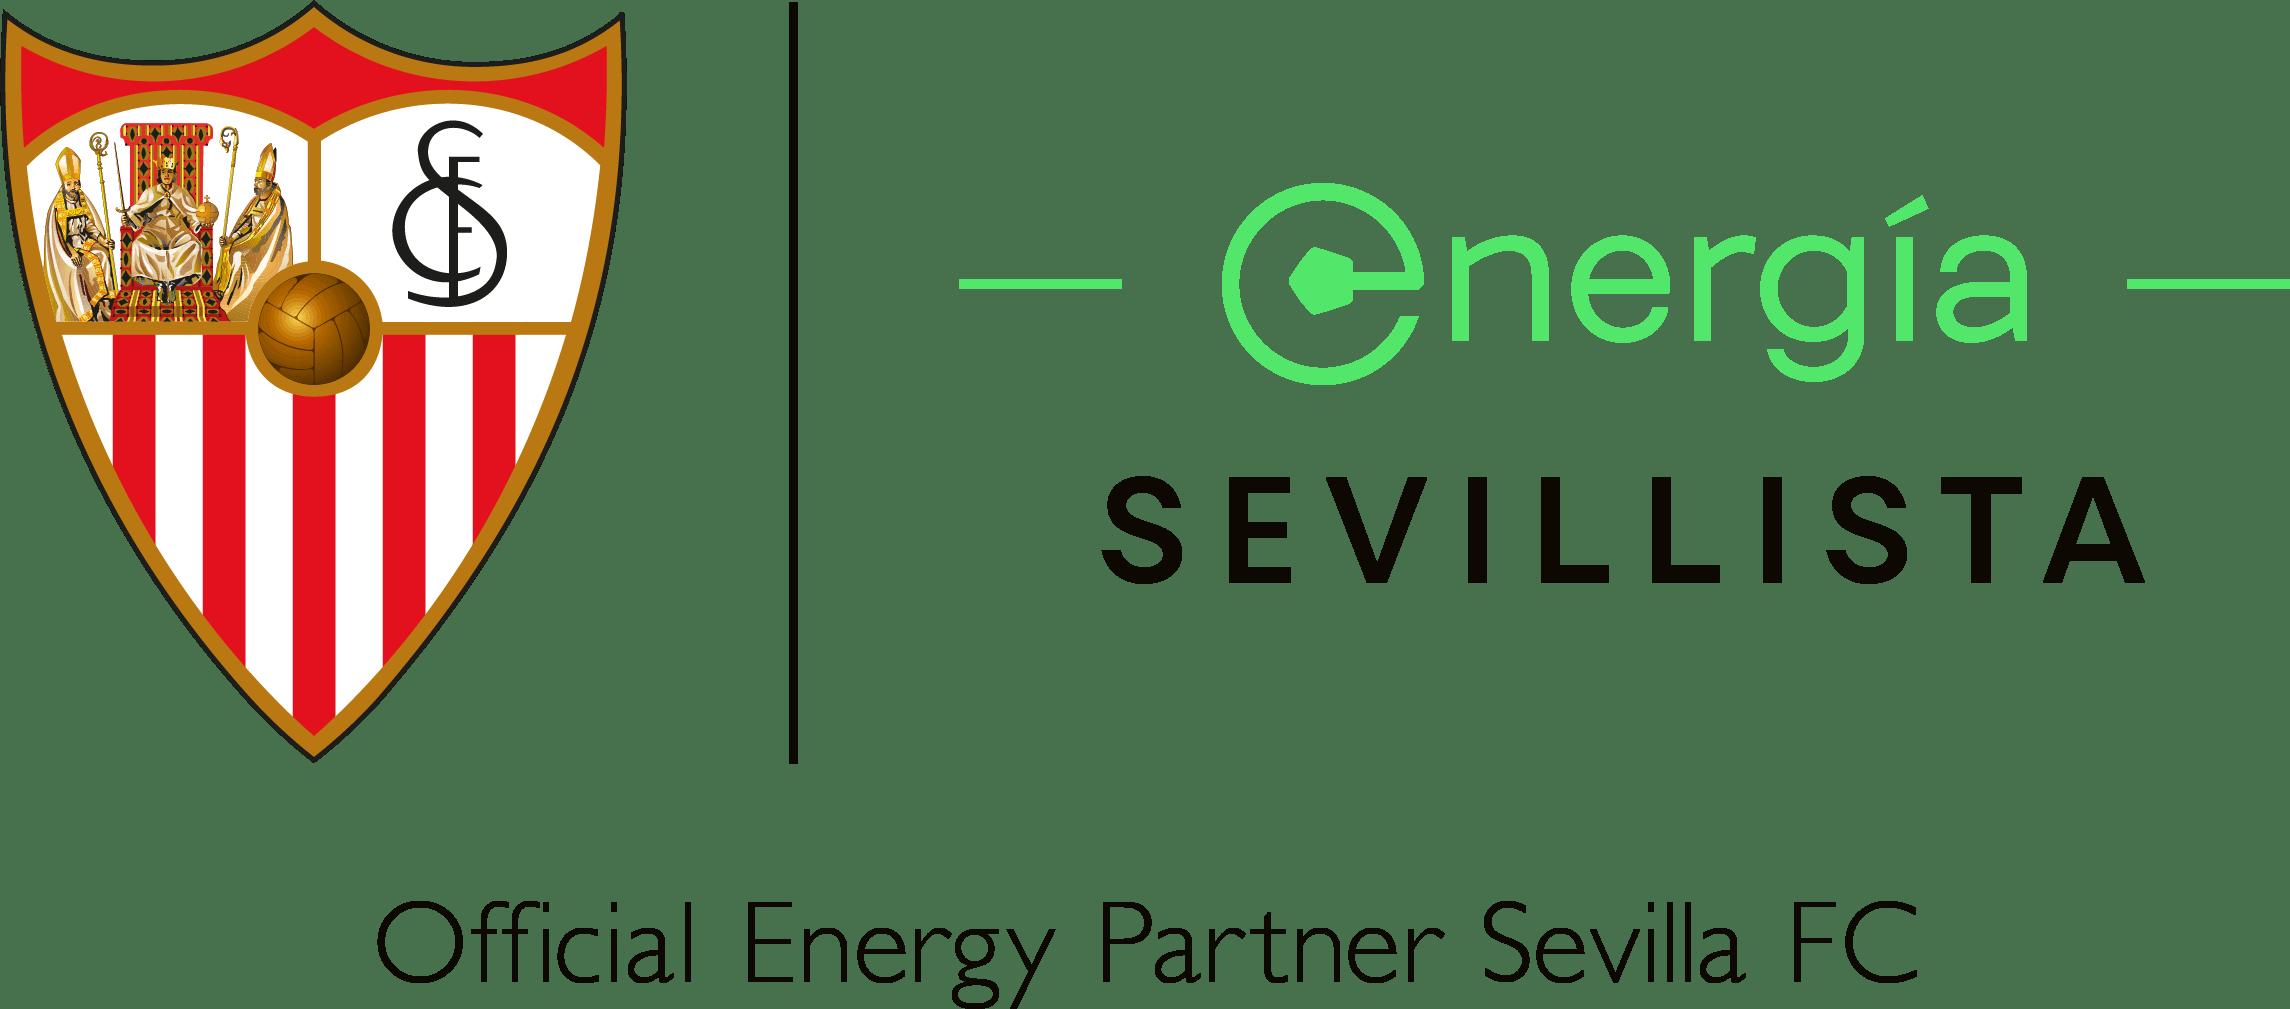 Energía Sevillista